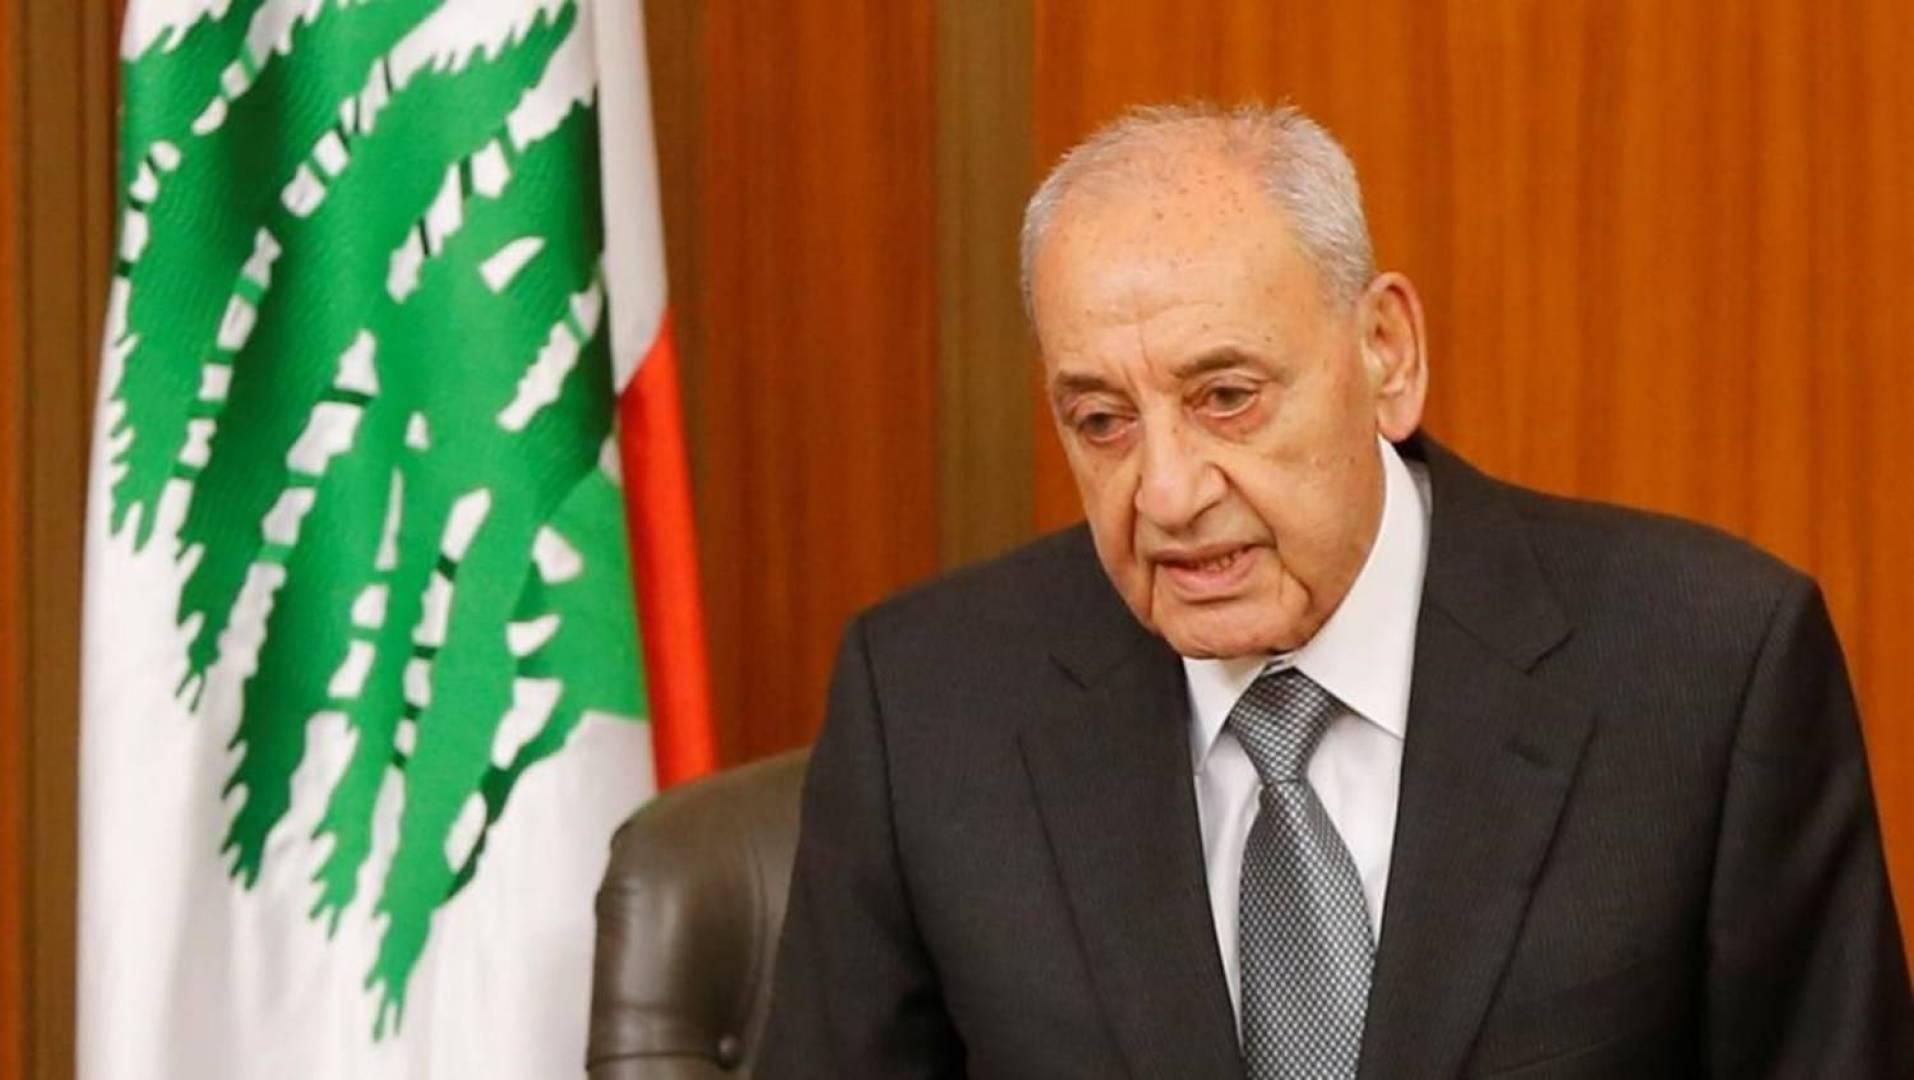 رويترز: رئيس البرلمان اللبناني يصر على ترشيح سعد الحريري لرئاسة الحكومة المقبلة